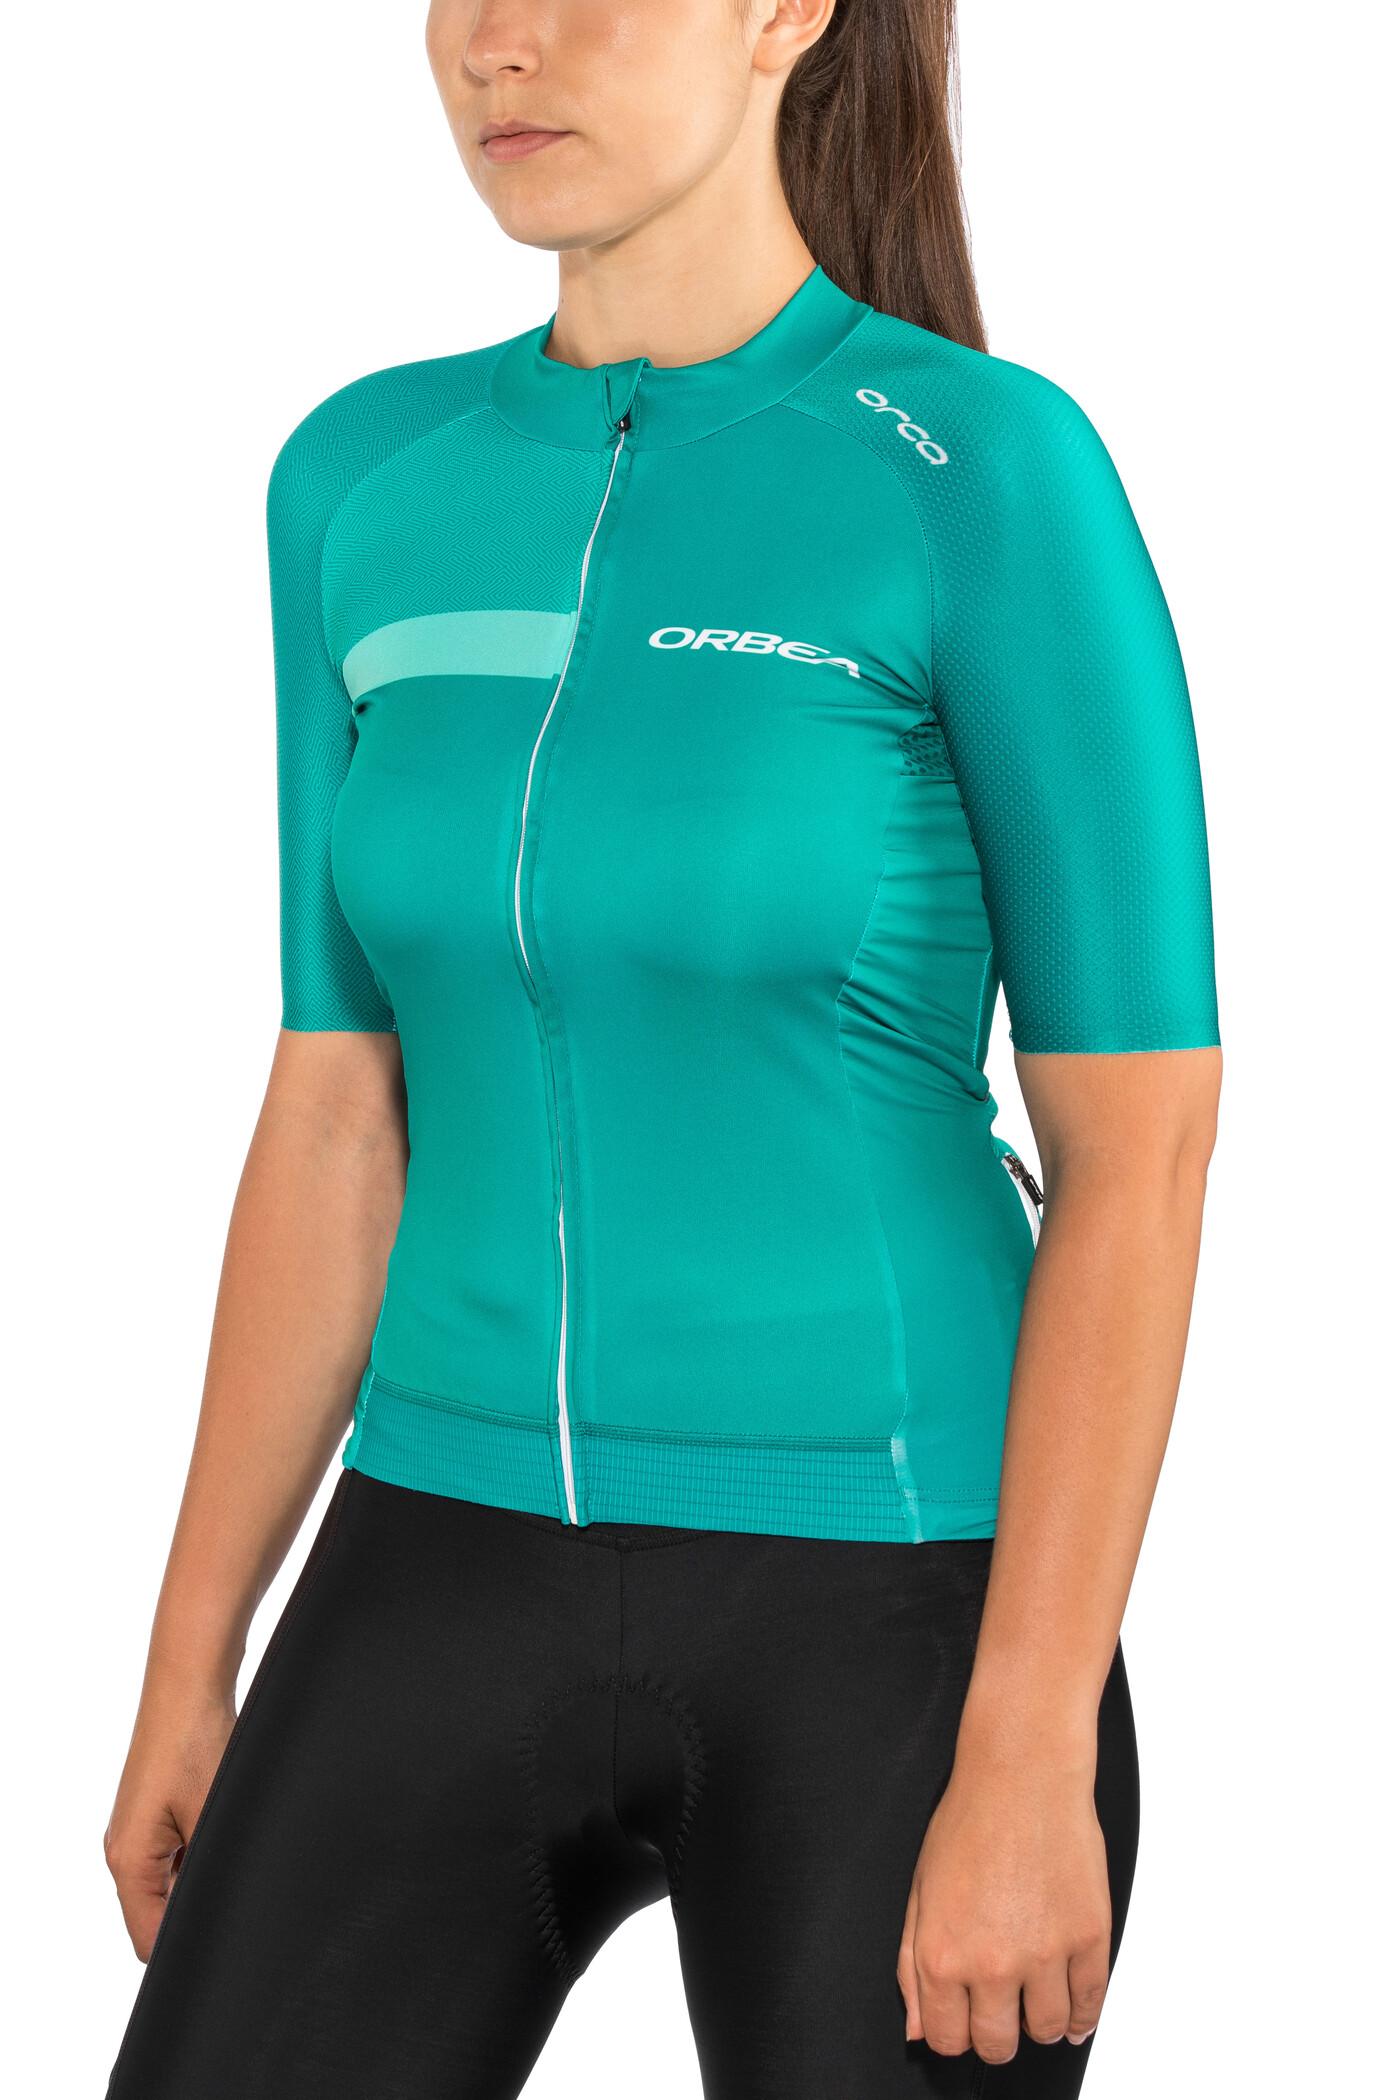 ORBEA Pro SS19 Cykeltrøje Damer, emerald (2019)   Jerseys